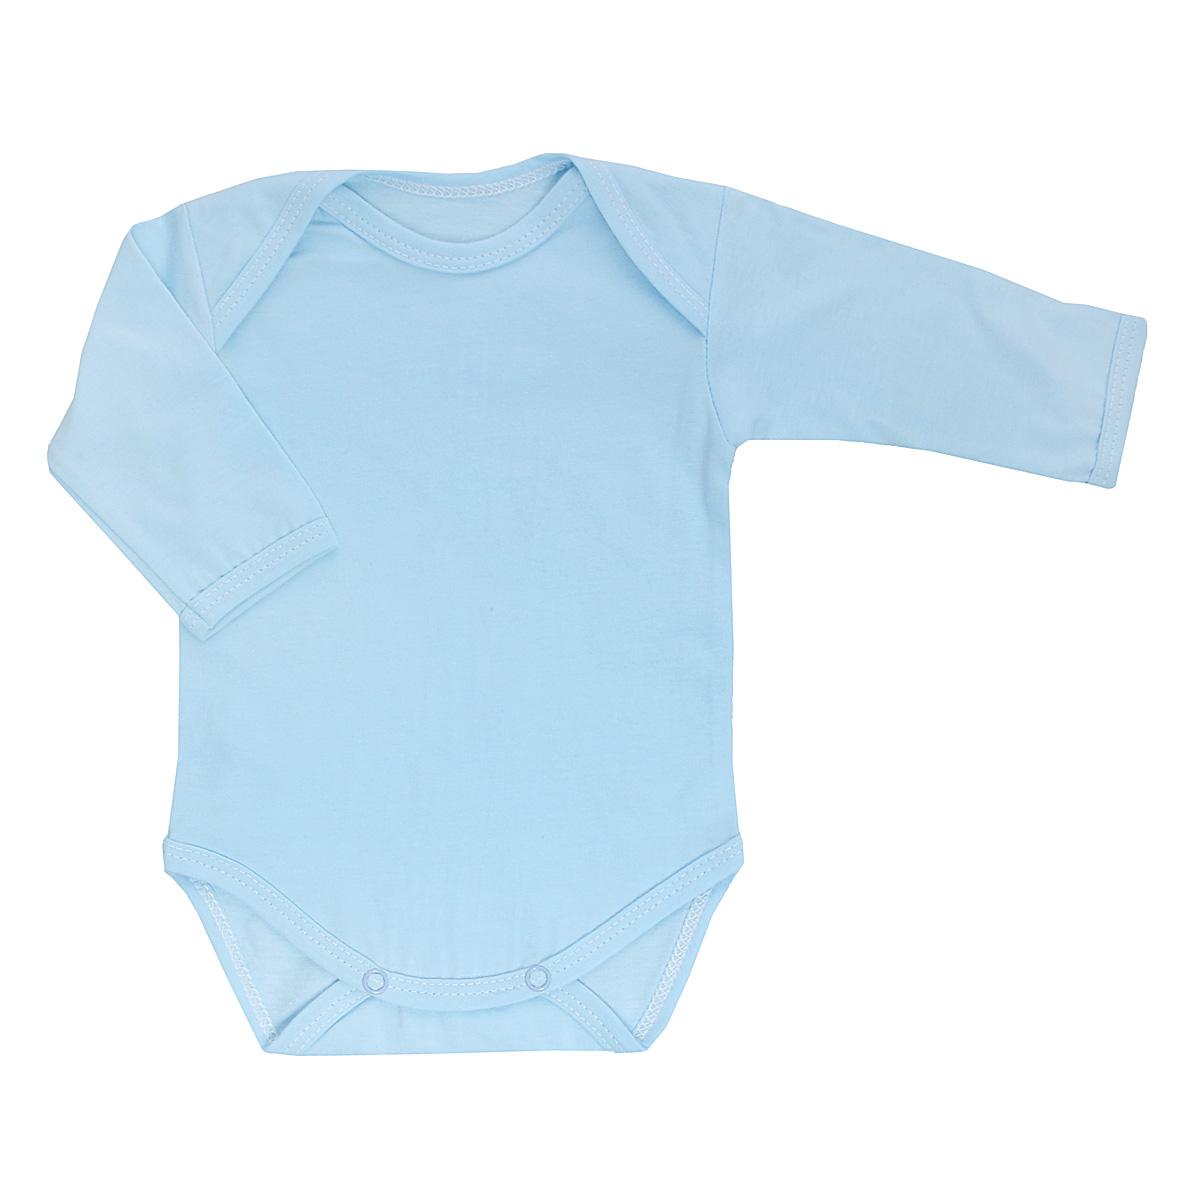 Боди детское. 58615861Детское боди Трон-плюс с длинными рукавами послужит идеальным дополнением к гардеробу вашего ребенка, обеспечивая ему наибольший комфорт. Боди изготовлено из кулирного полотна - натурального хлопка, благодаря чему оно необычайно мягкое и легкое, не раздражает нежную кожу ребенка и хорошо вентилируется, а эластичные швы приятны телу младенца и не препятствуют его движениям. Удобные запахи на плечах и кнопки на ластовице помогают легко переодеть младенца или сменить подгузник. Боди полностью соответствует особенностям жизни ребенка в ранний период, не стесняя и не ограничивая его в движениях. В нем ваш ребенок всегда будет в центре внимания.